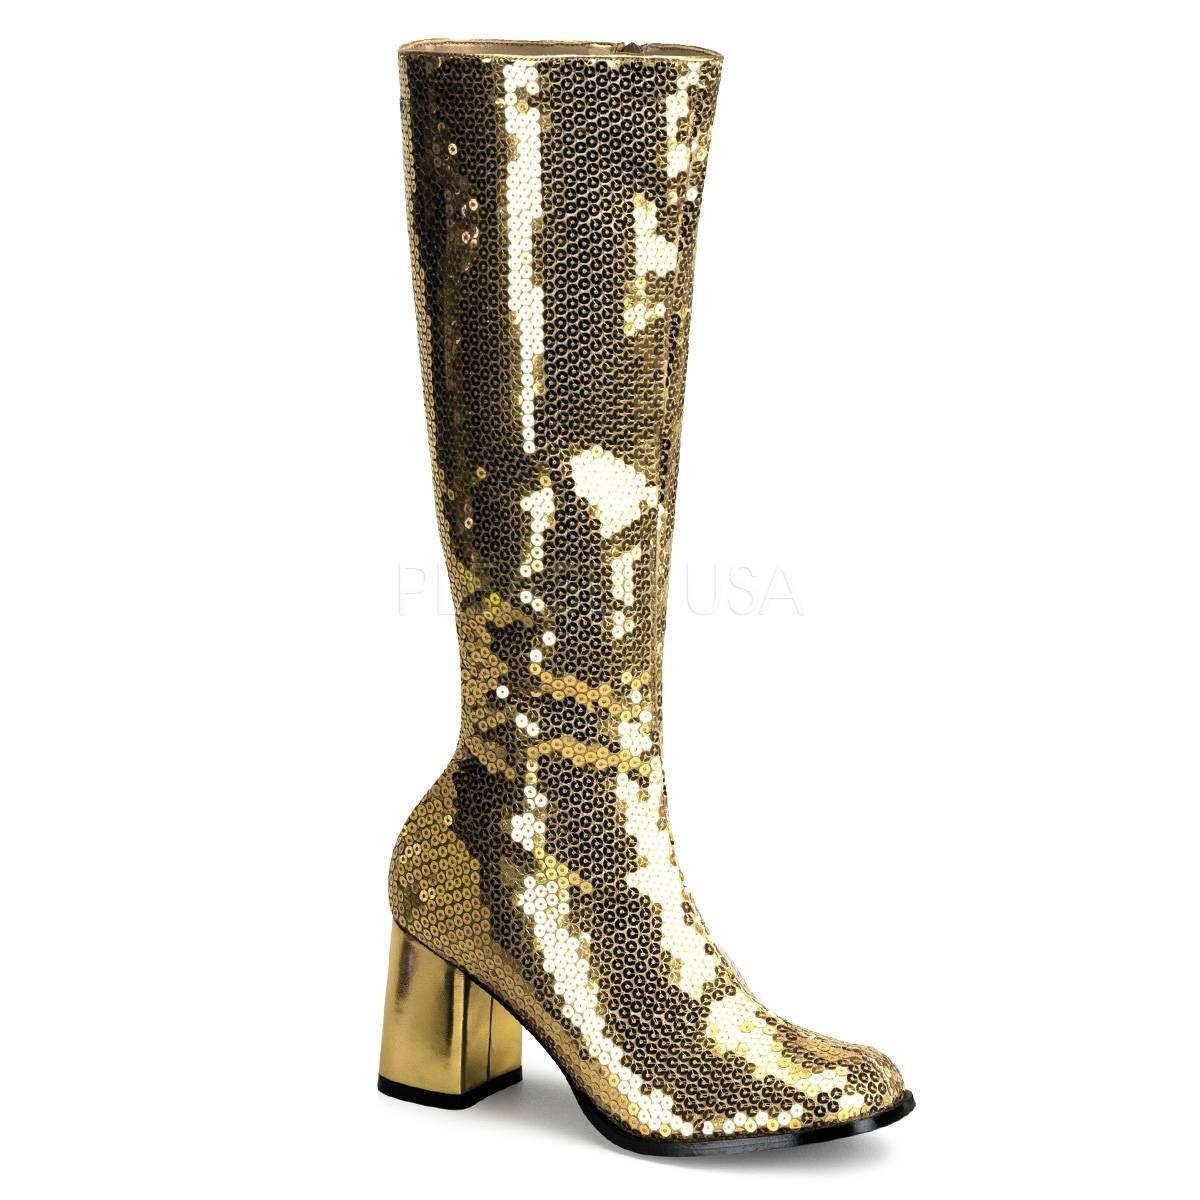 Stiefel - SPECTACUL 300SQ ° Damen Stiefel ° Gold Pailetten ° Bordello  - Onlineshop RedSixty